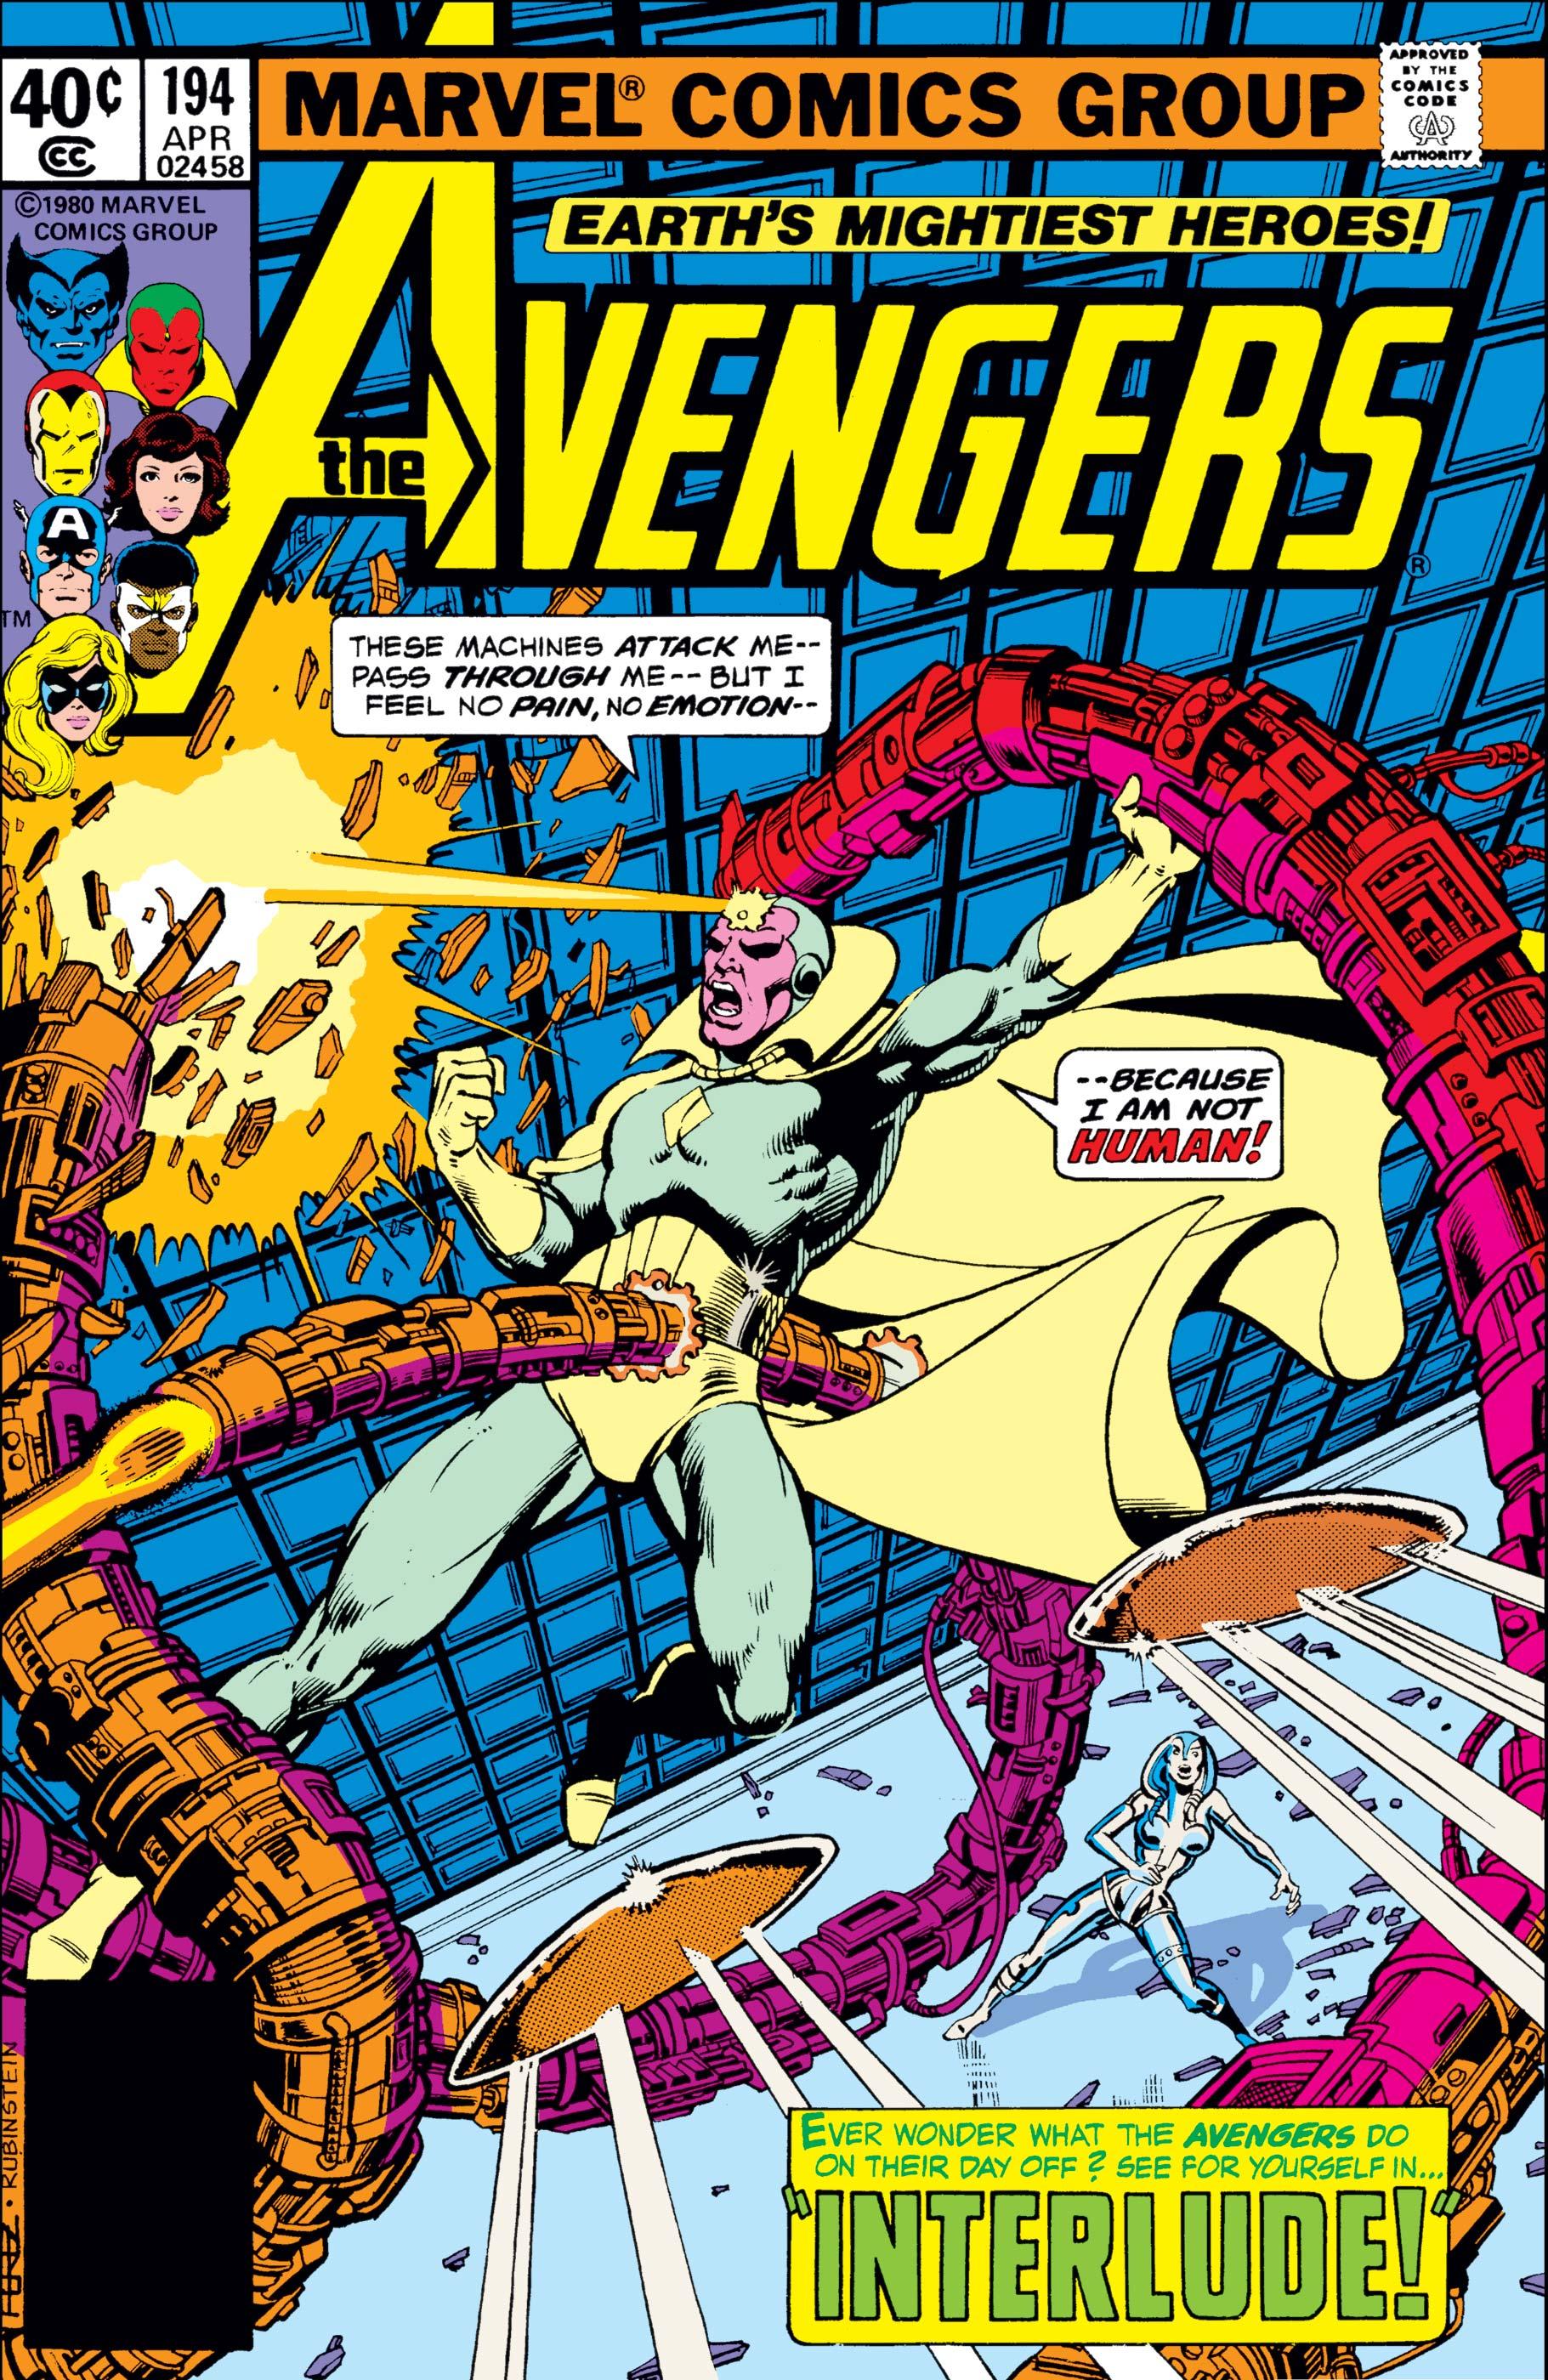 Avengers (1963) #194